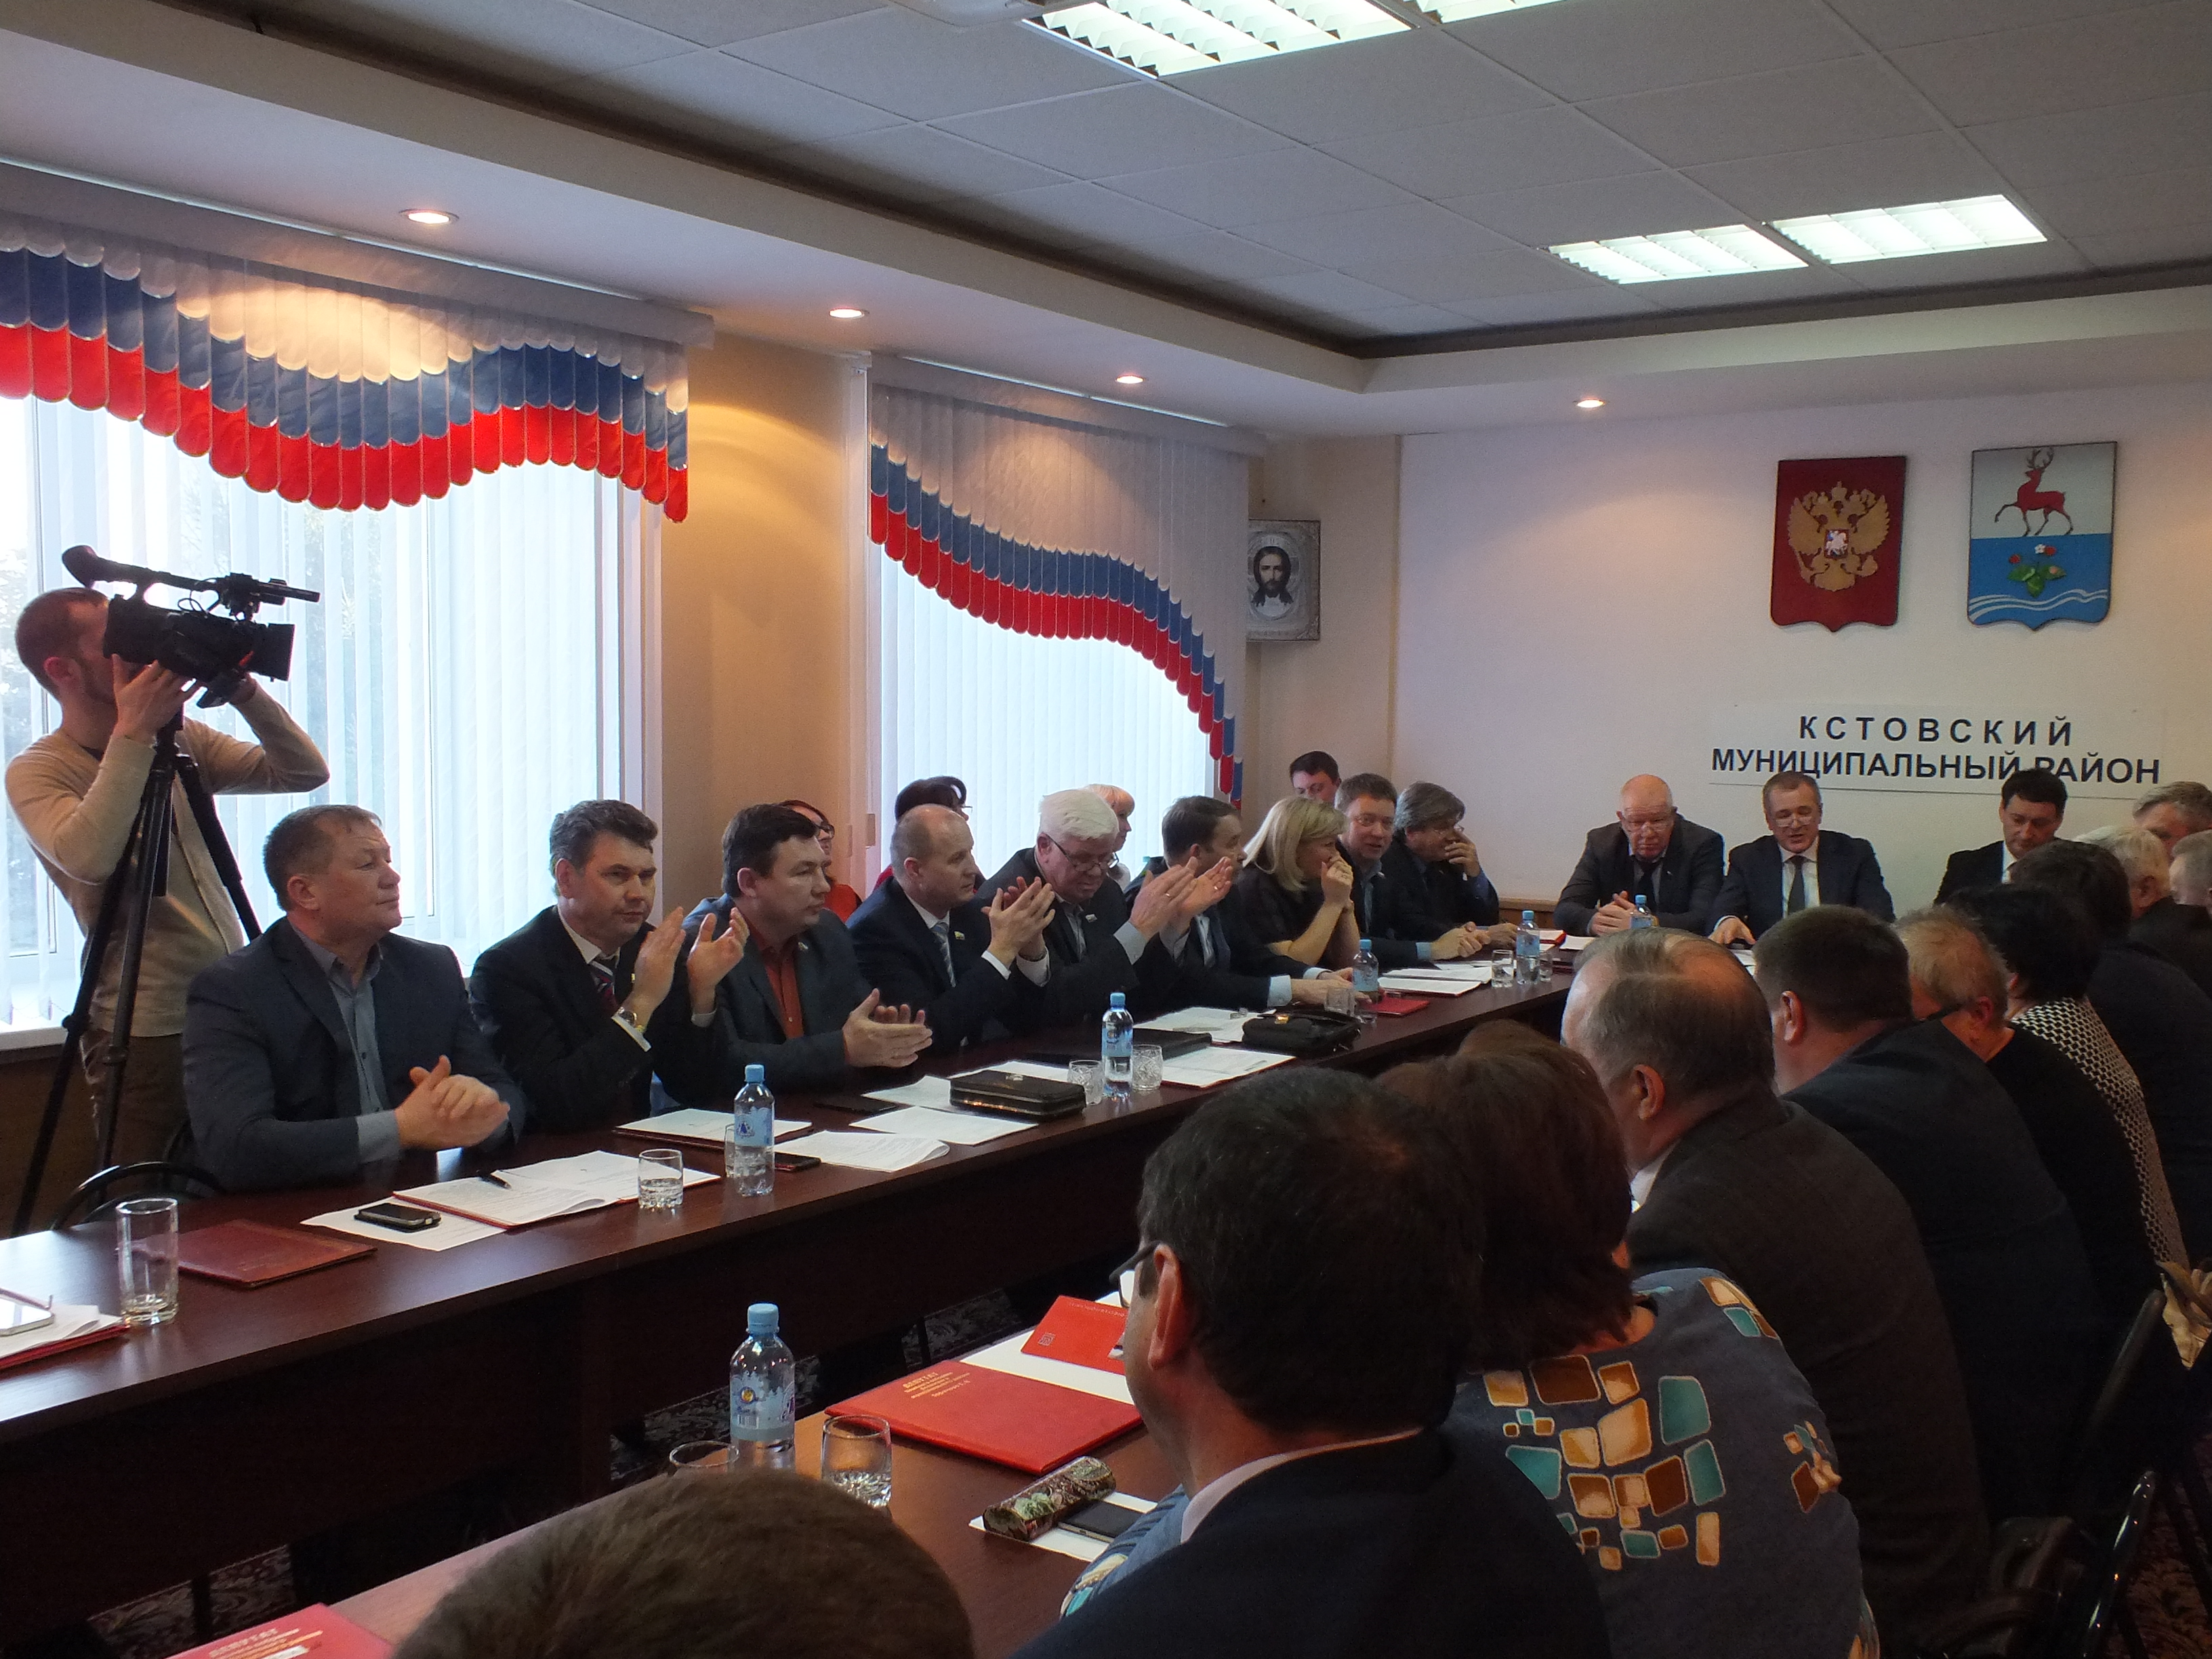 Виталий Ковалев избран новым главой администрации Кстовского района Нижегородской области